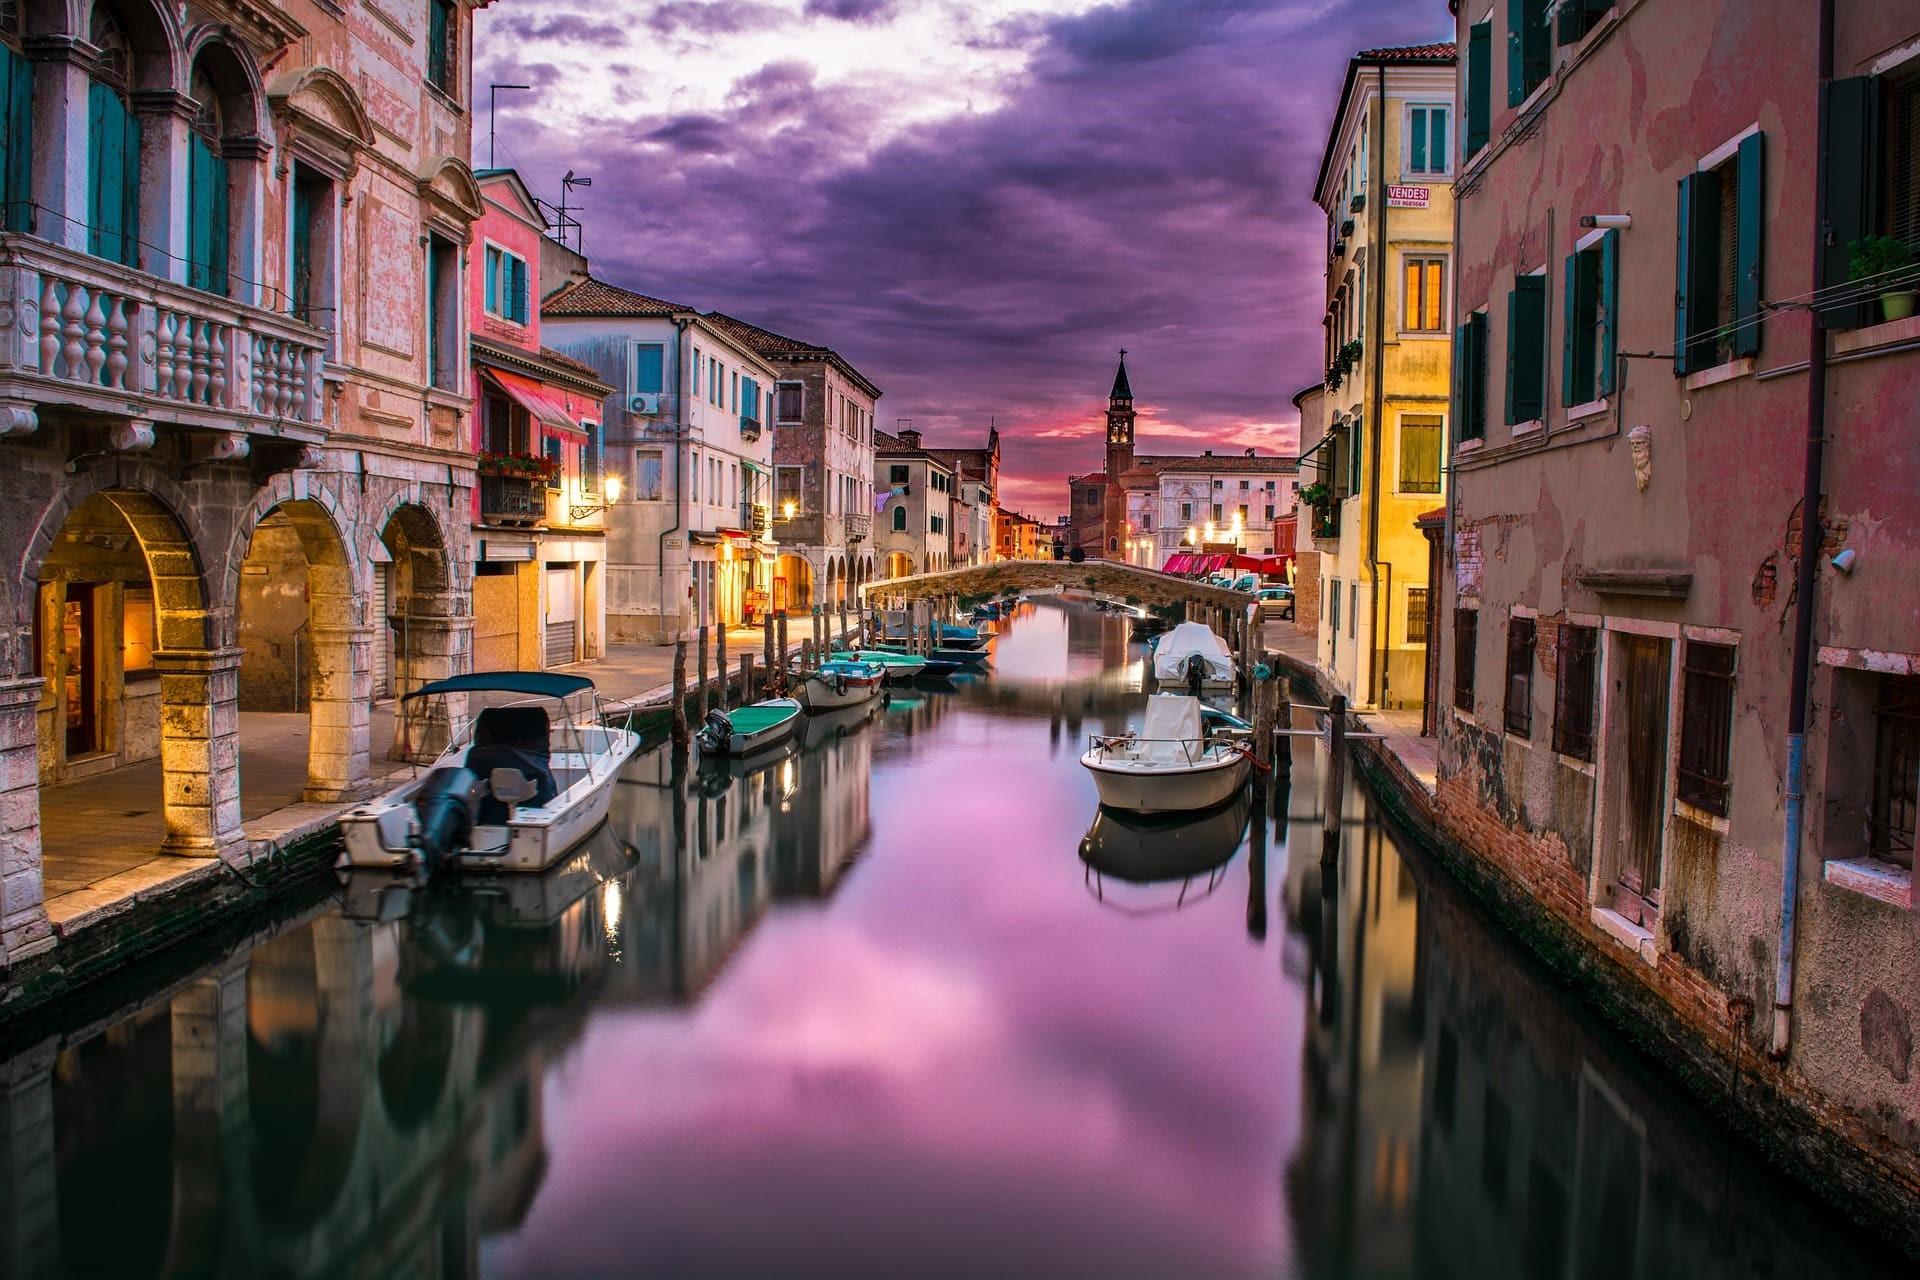 atrações turísticas Itália